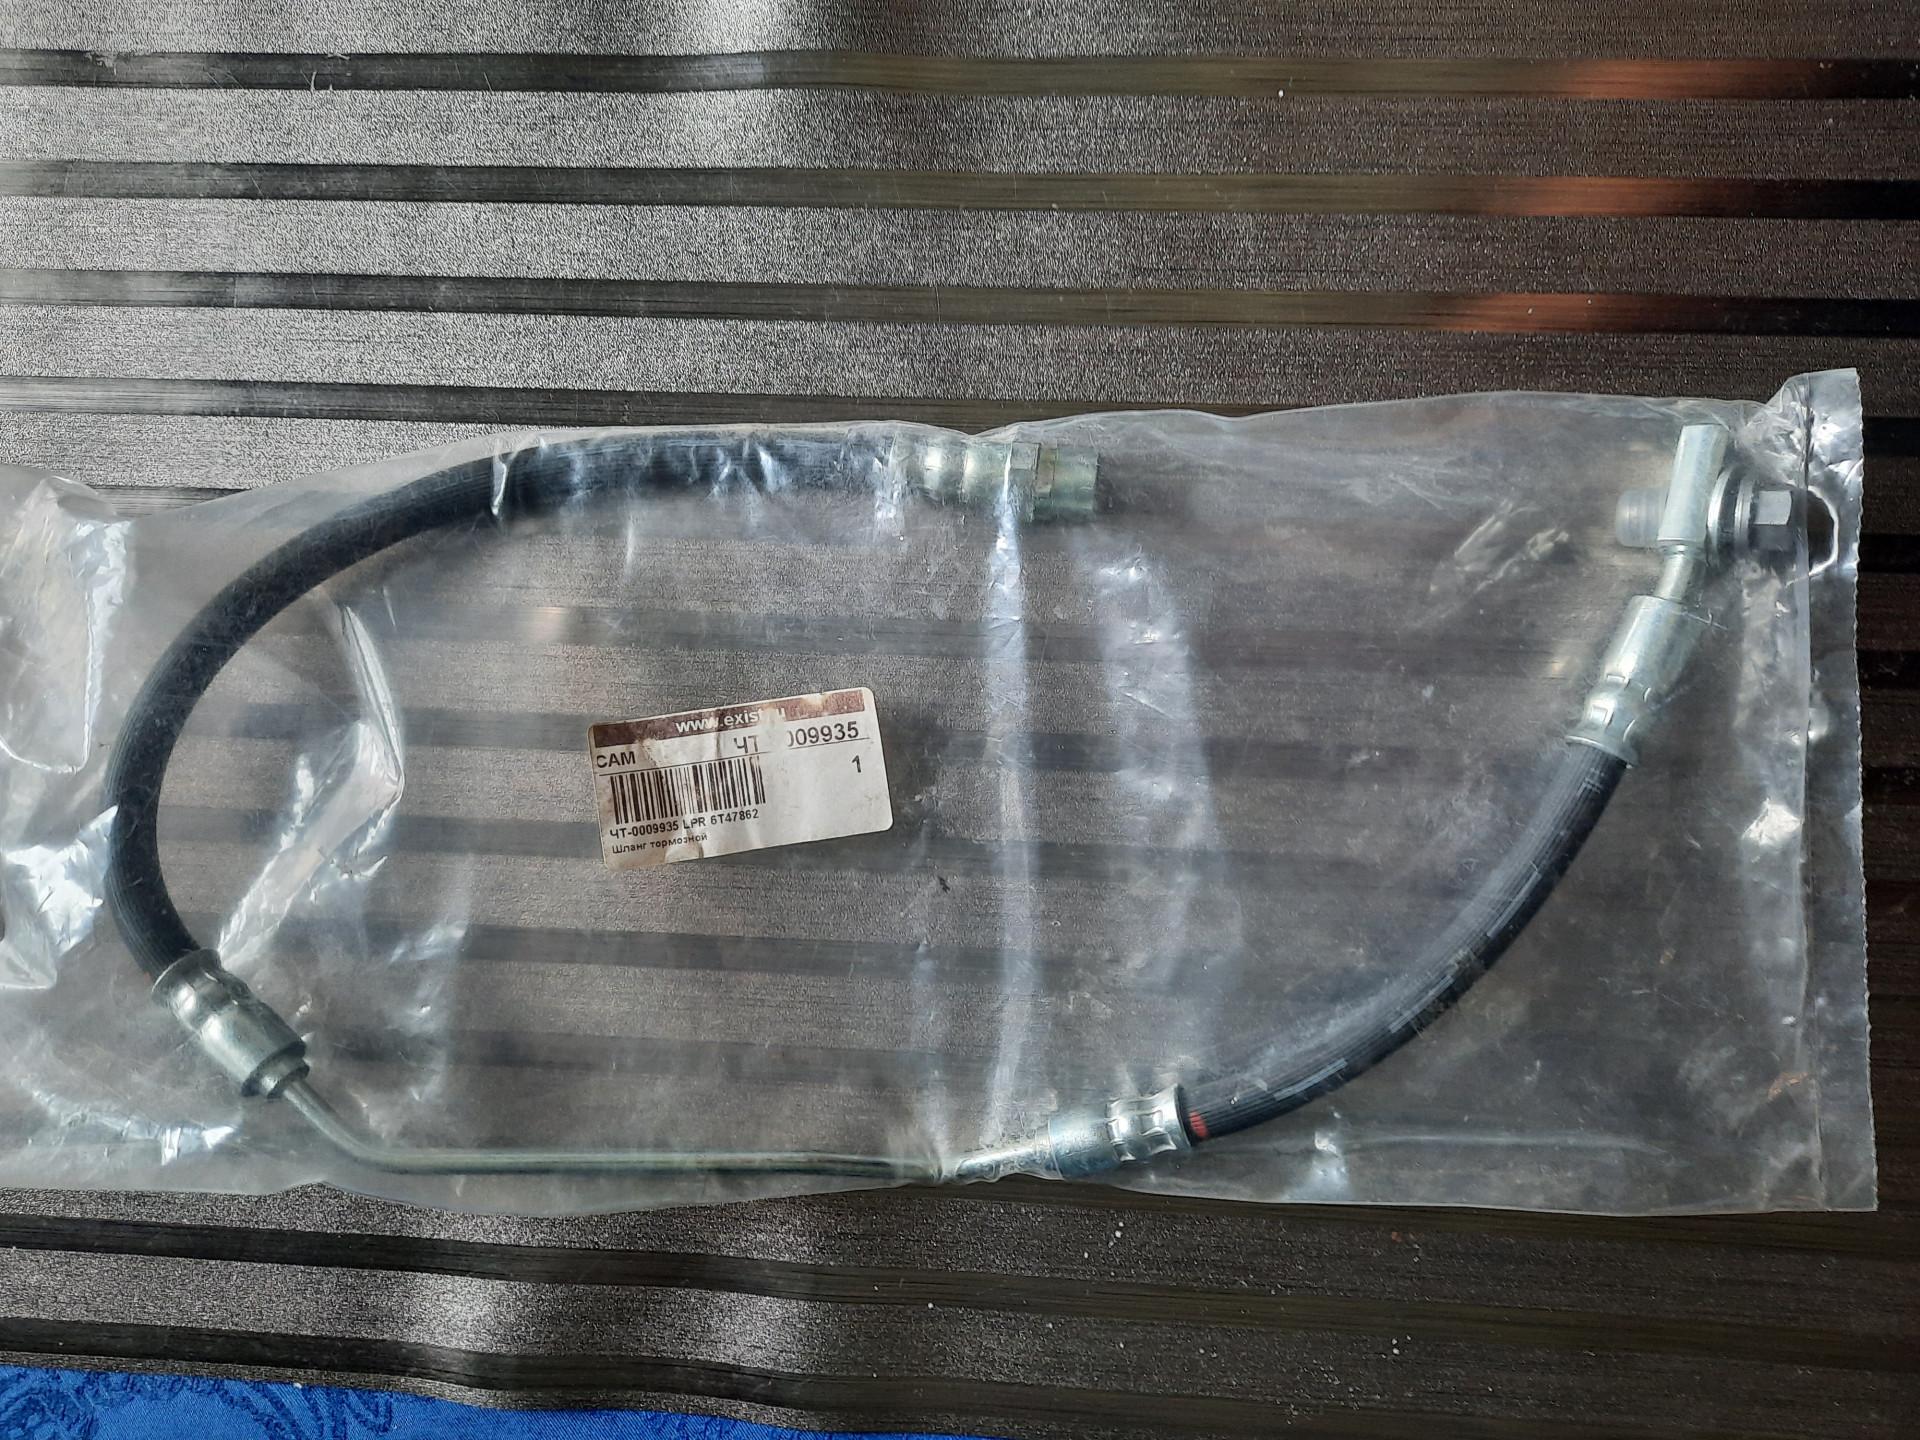 Новый тормозной шланг Lpr из закромов